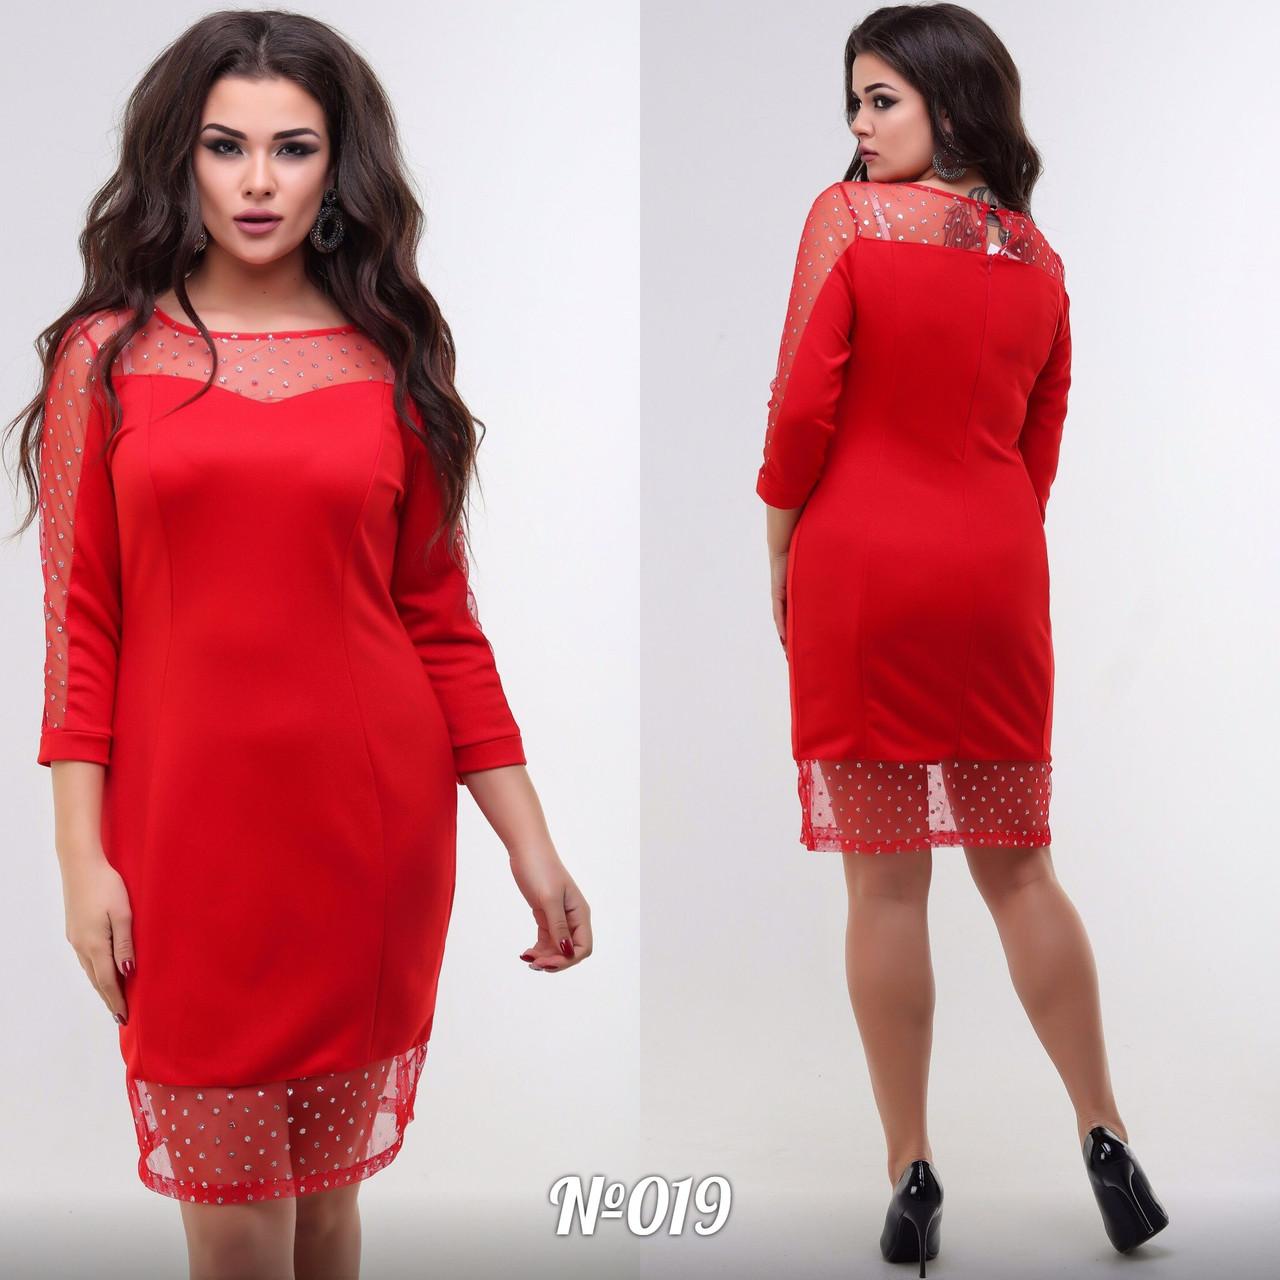 Платье нарядное с сеткой в расцветках 3486  Интернет-магазин модной женской  одежды оптом и в розницу . Самые низкие цены в Украине. платья женские от